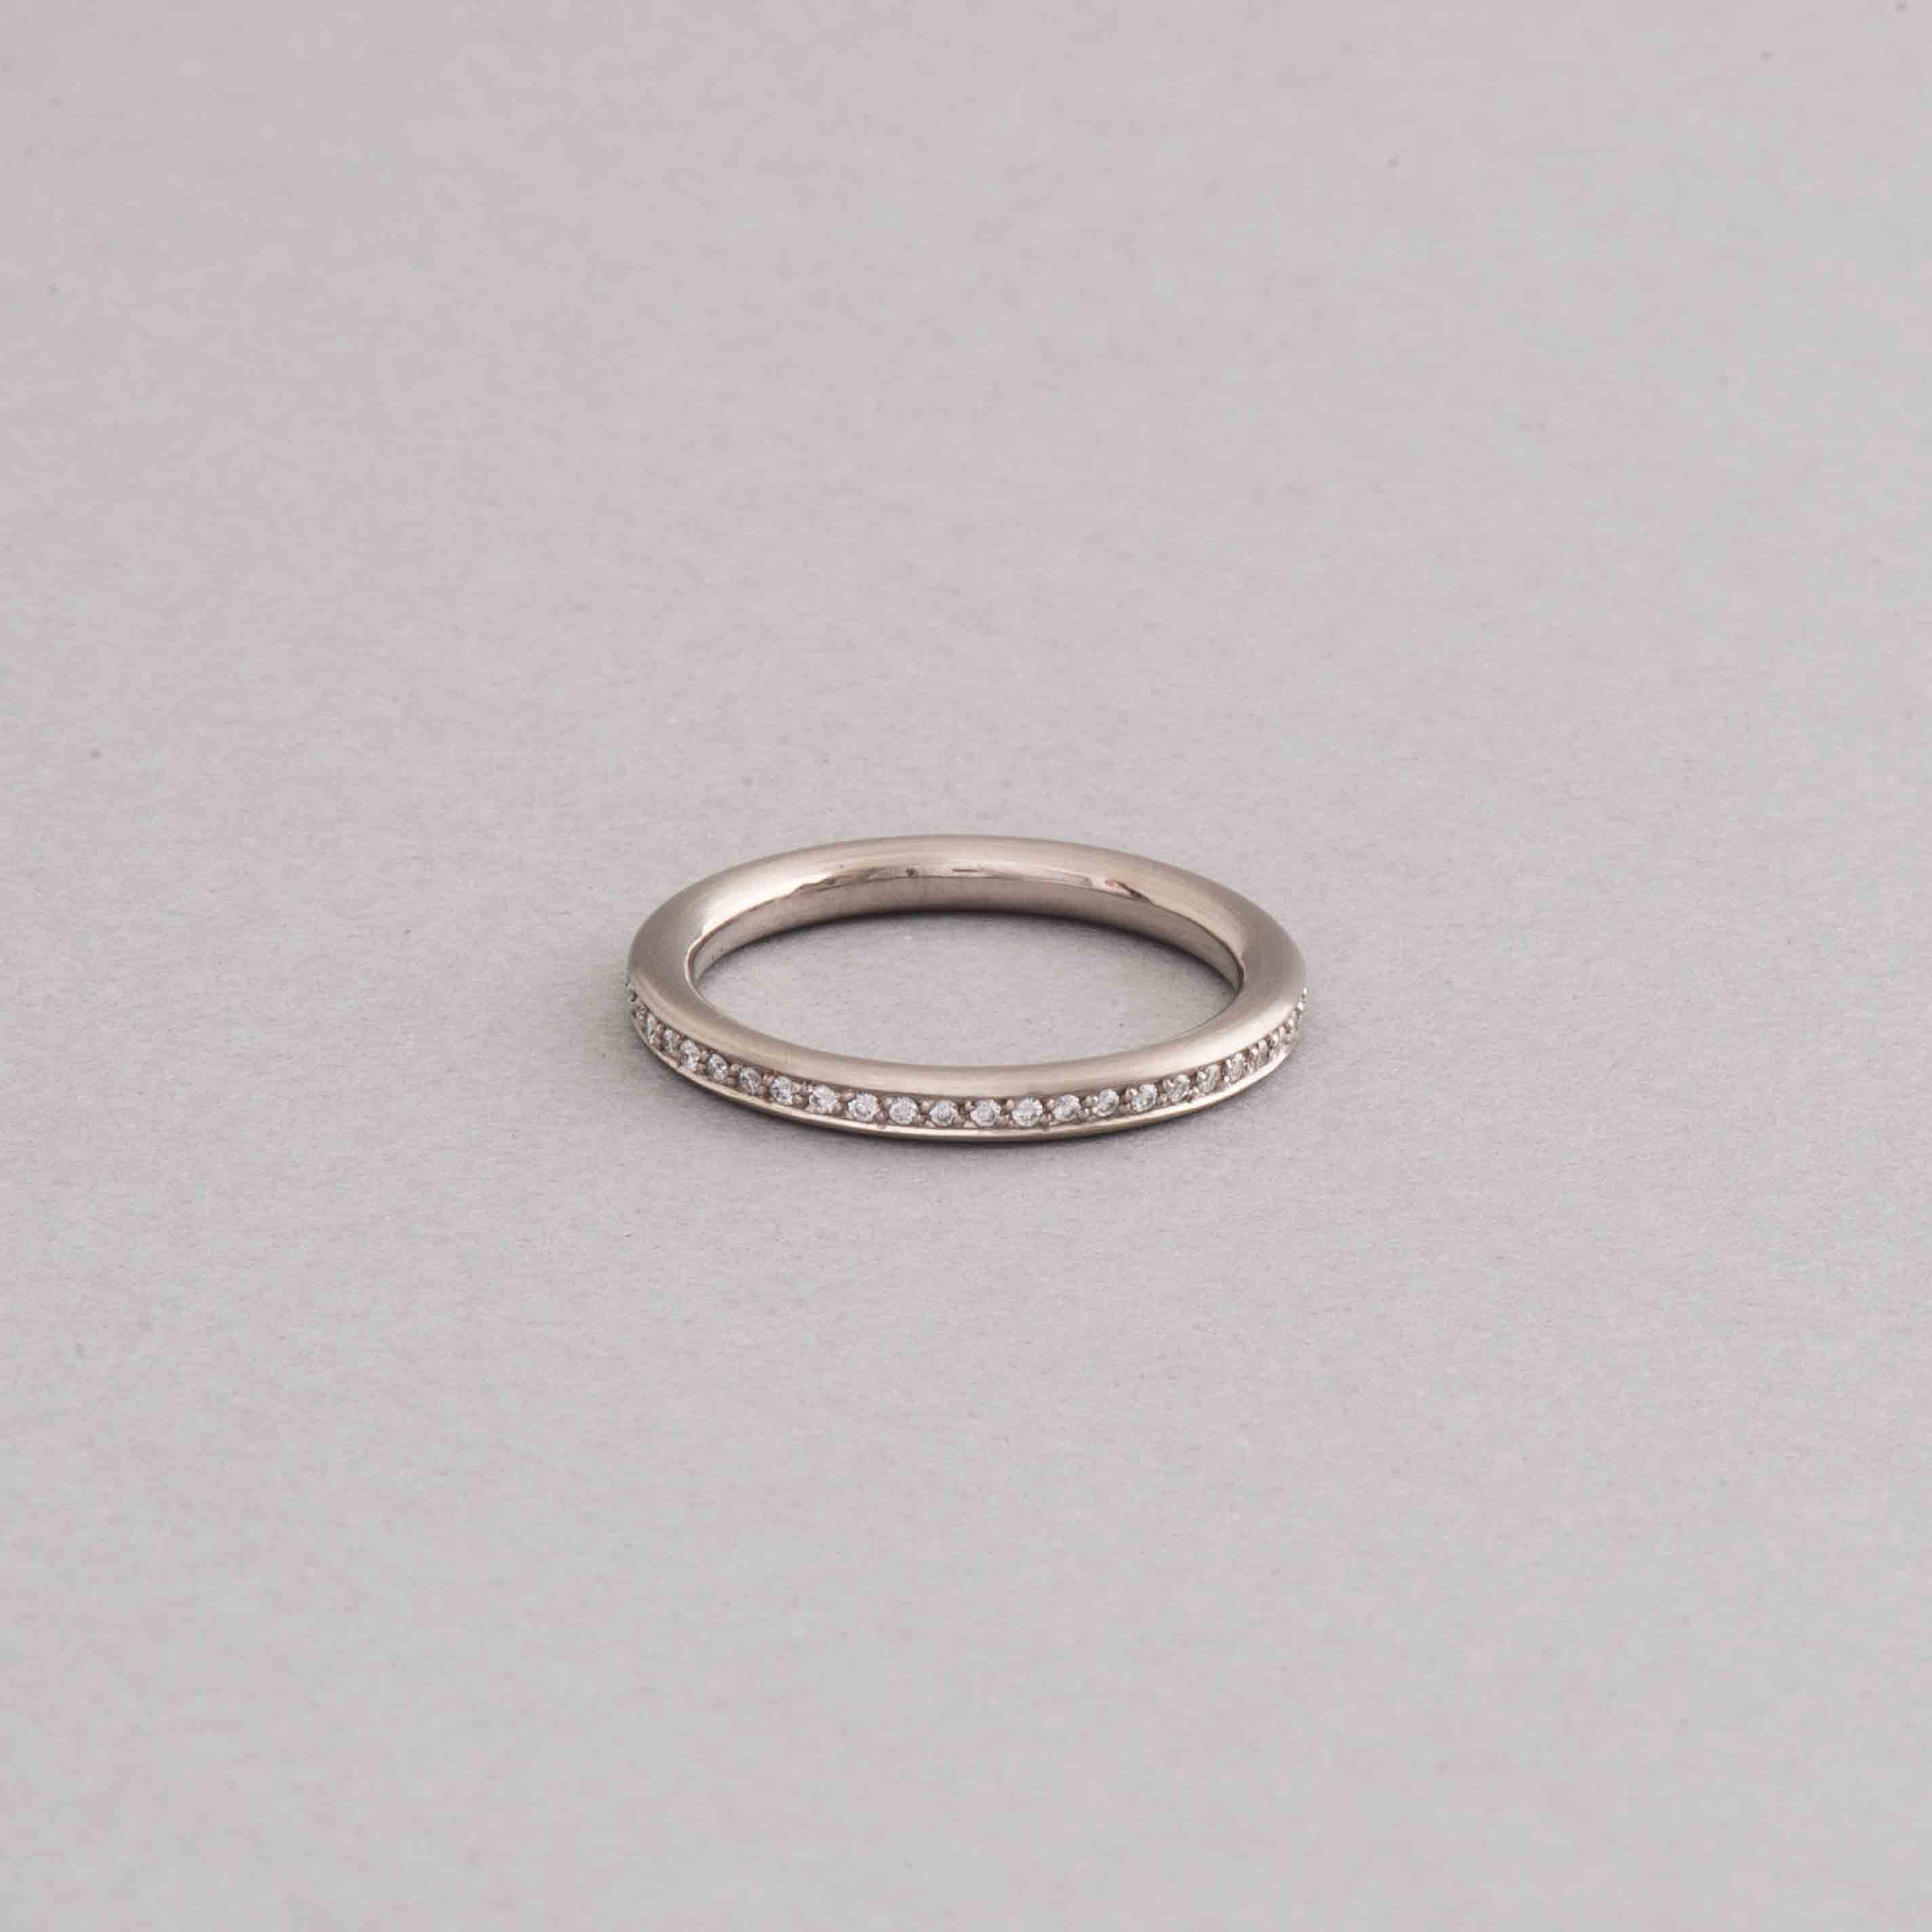 ring aus 750 000 weissgold mit brillanten botho nickel. Black Bedroom Furniture Sets. Home Design Ideas